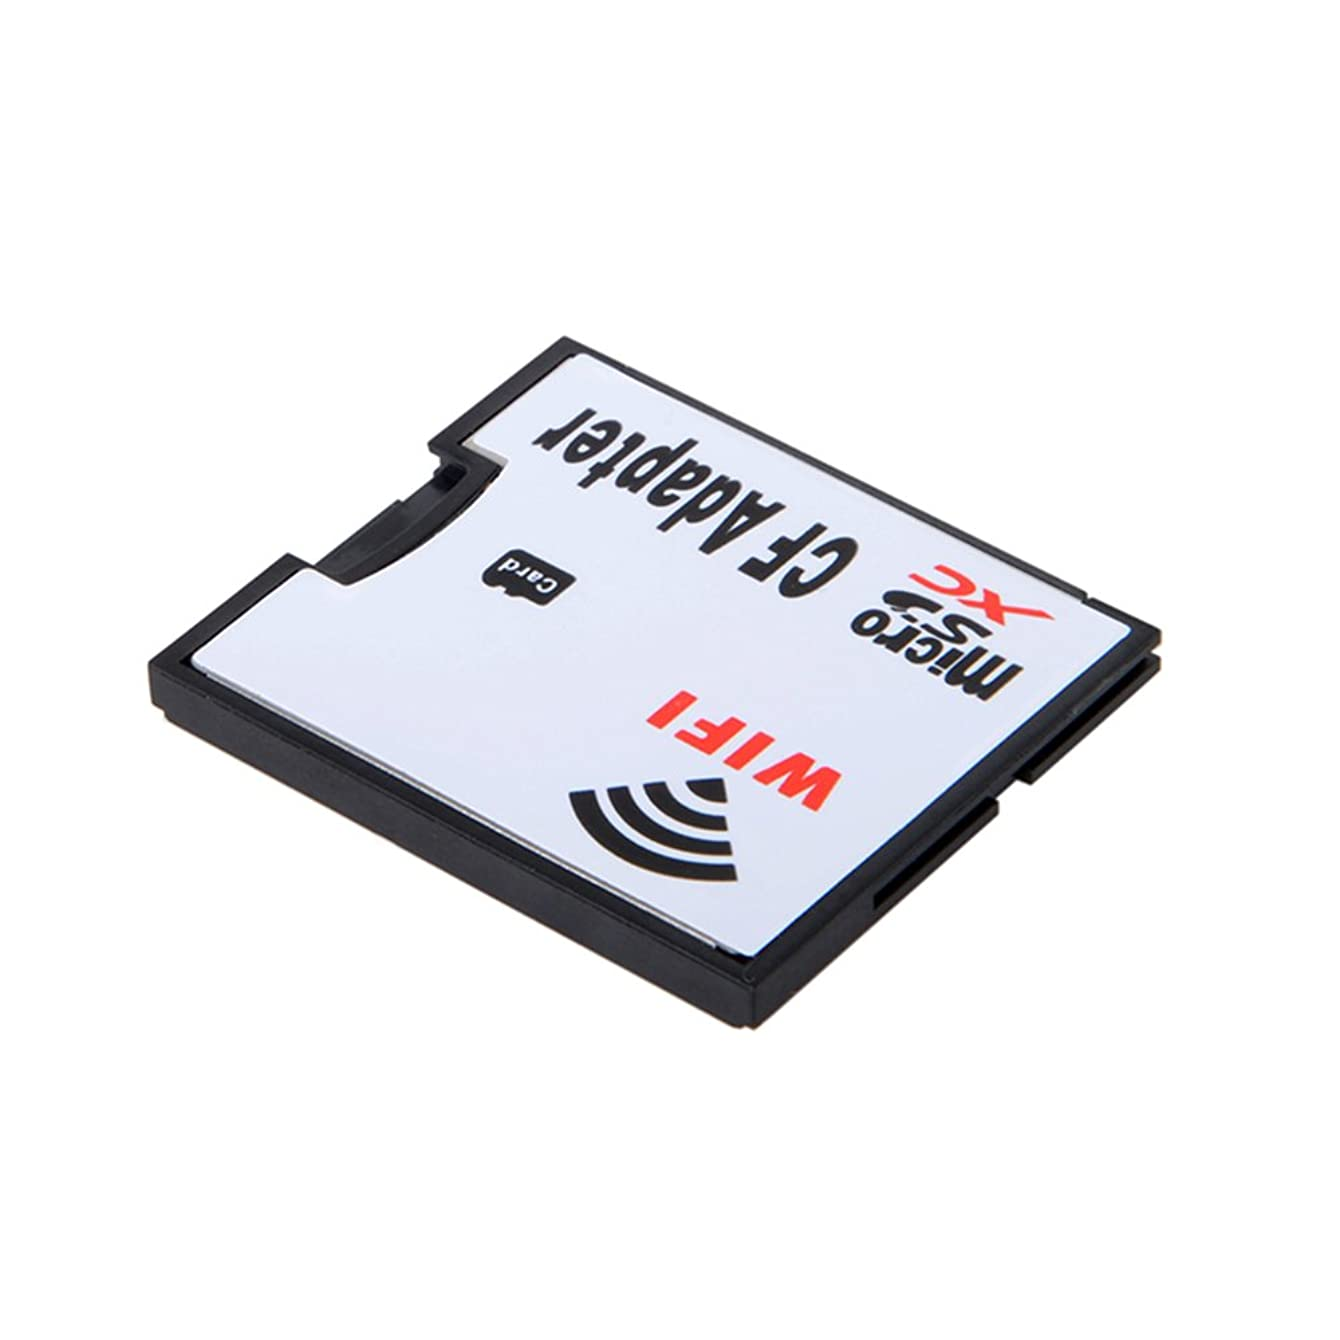 脱走退化する司教WifiメモリカードTFマイクロSDアダプタにCFコンパクトフラッシュカードキットforデジタルカメラ